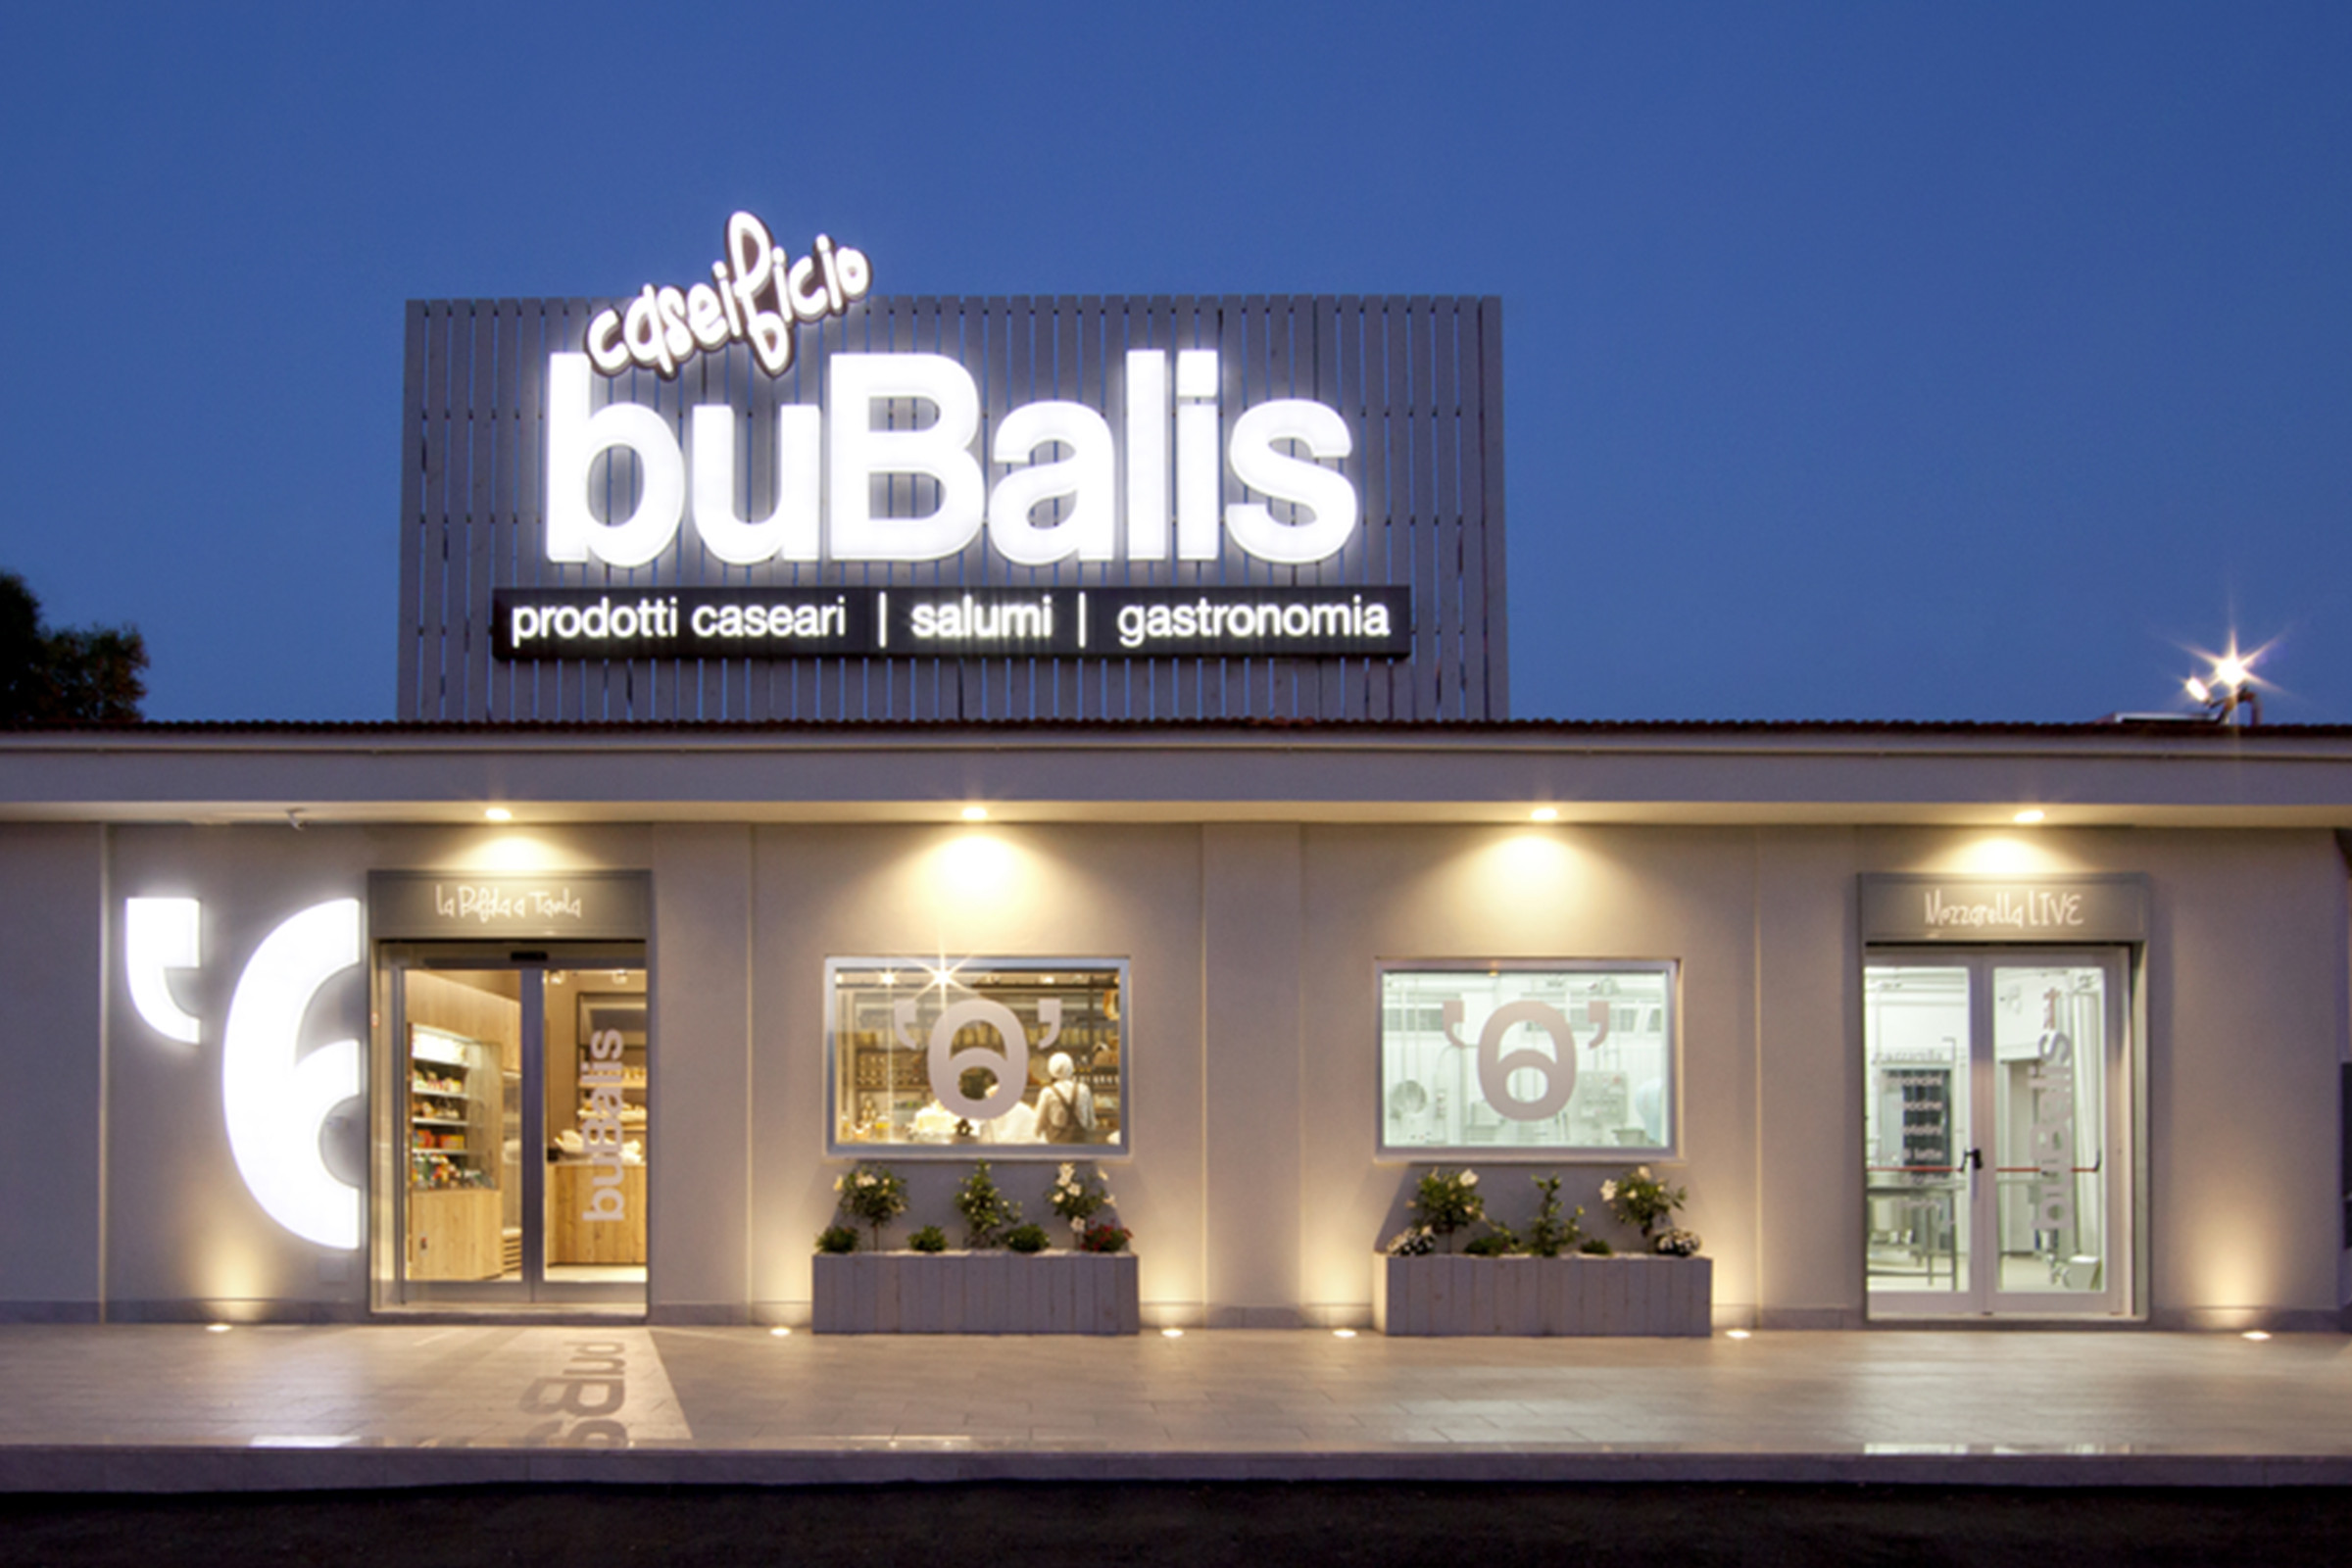 Bubalis Shooting fotografico - Agenzia pubblicitaria Napoli - Libellula Grafica Lab